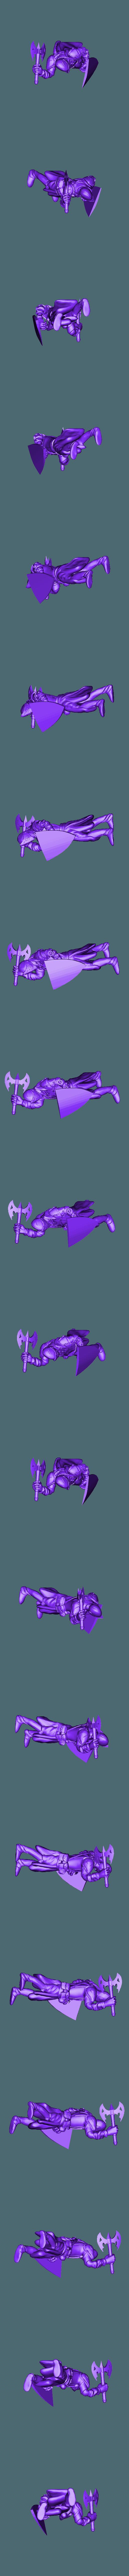 knight_1.stl Download free STL file Miniature - Knight 1 (2017) • 3D print model, whackolantern